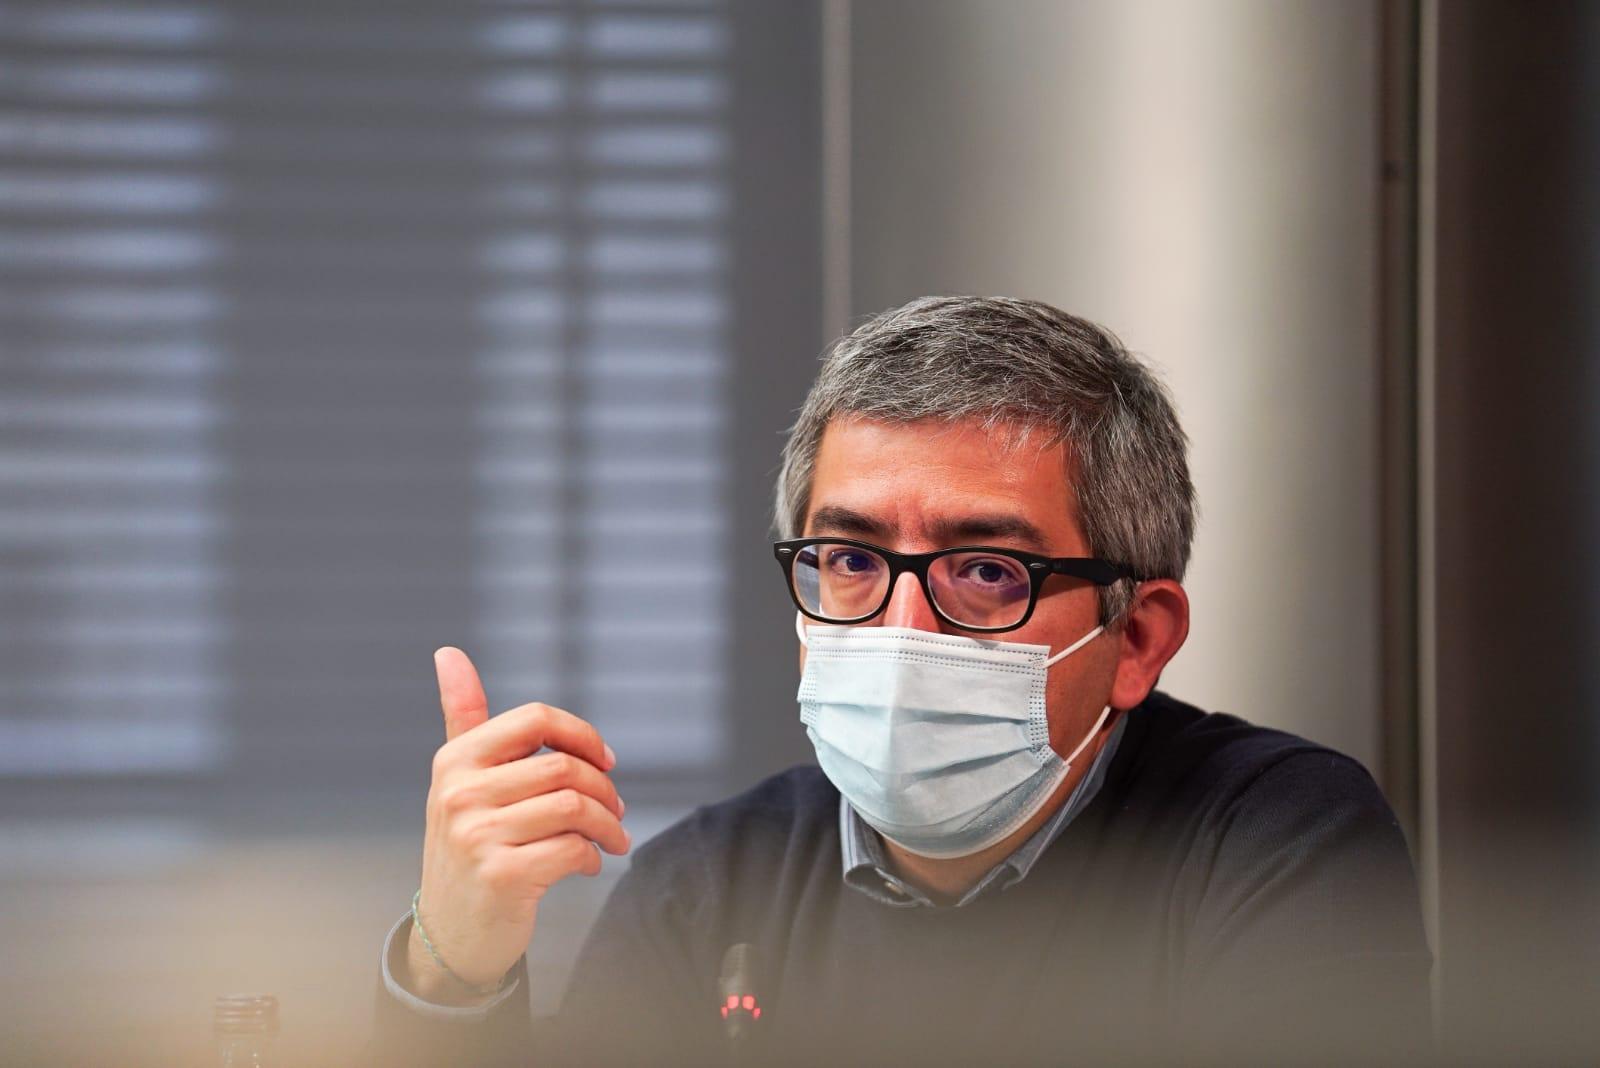 Jordi Amat, comissari del procés Barcelona Demà i escriptor